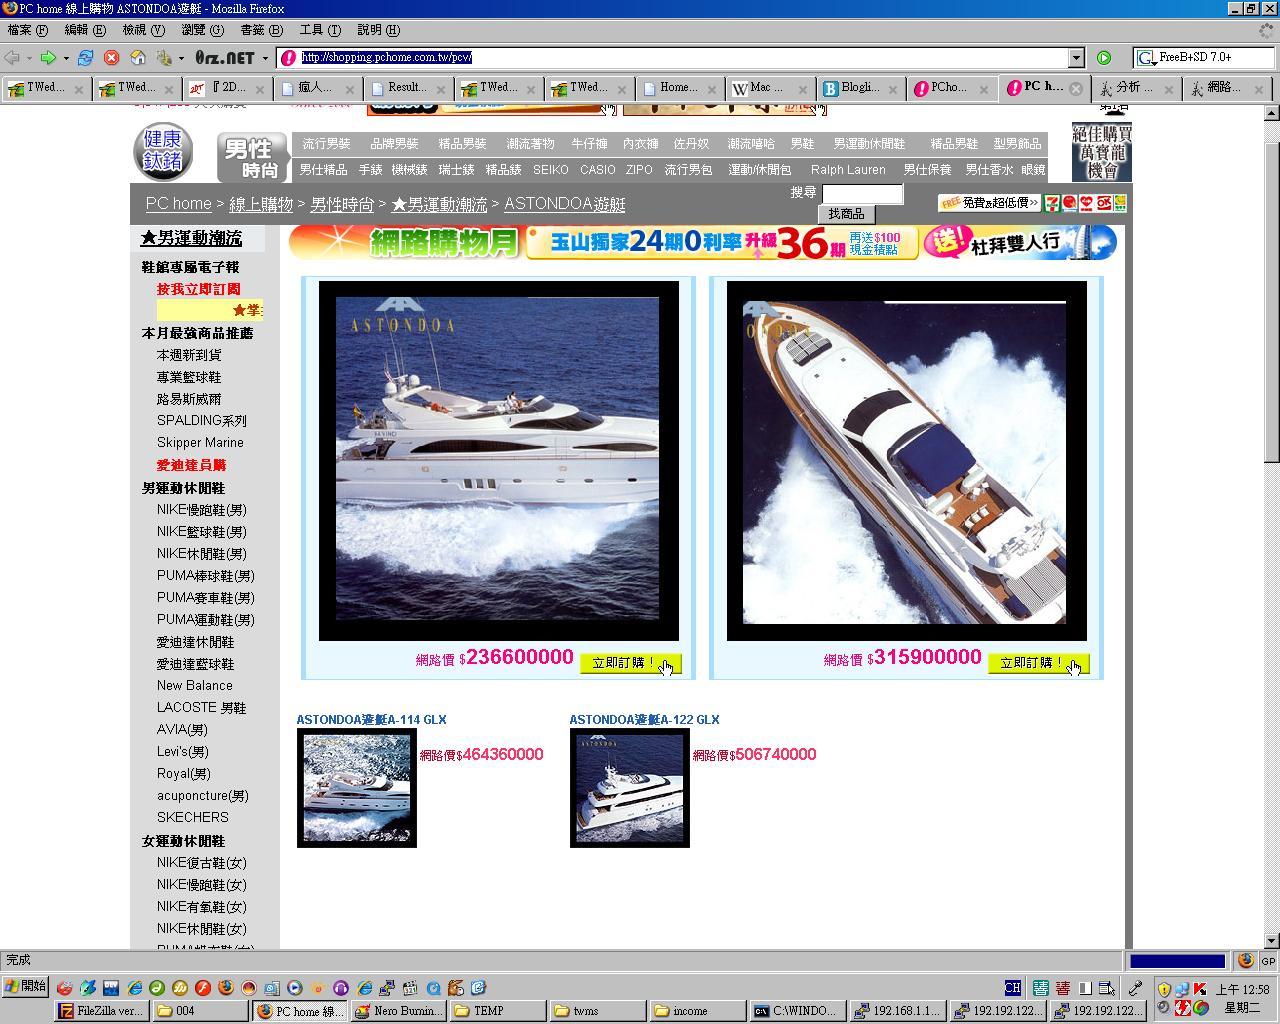 PC home 賣遊艇